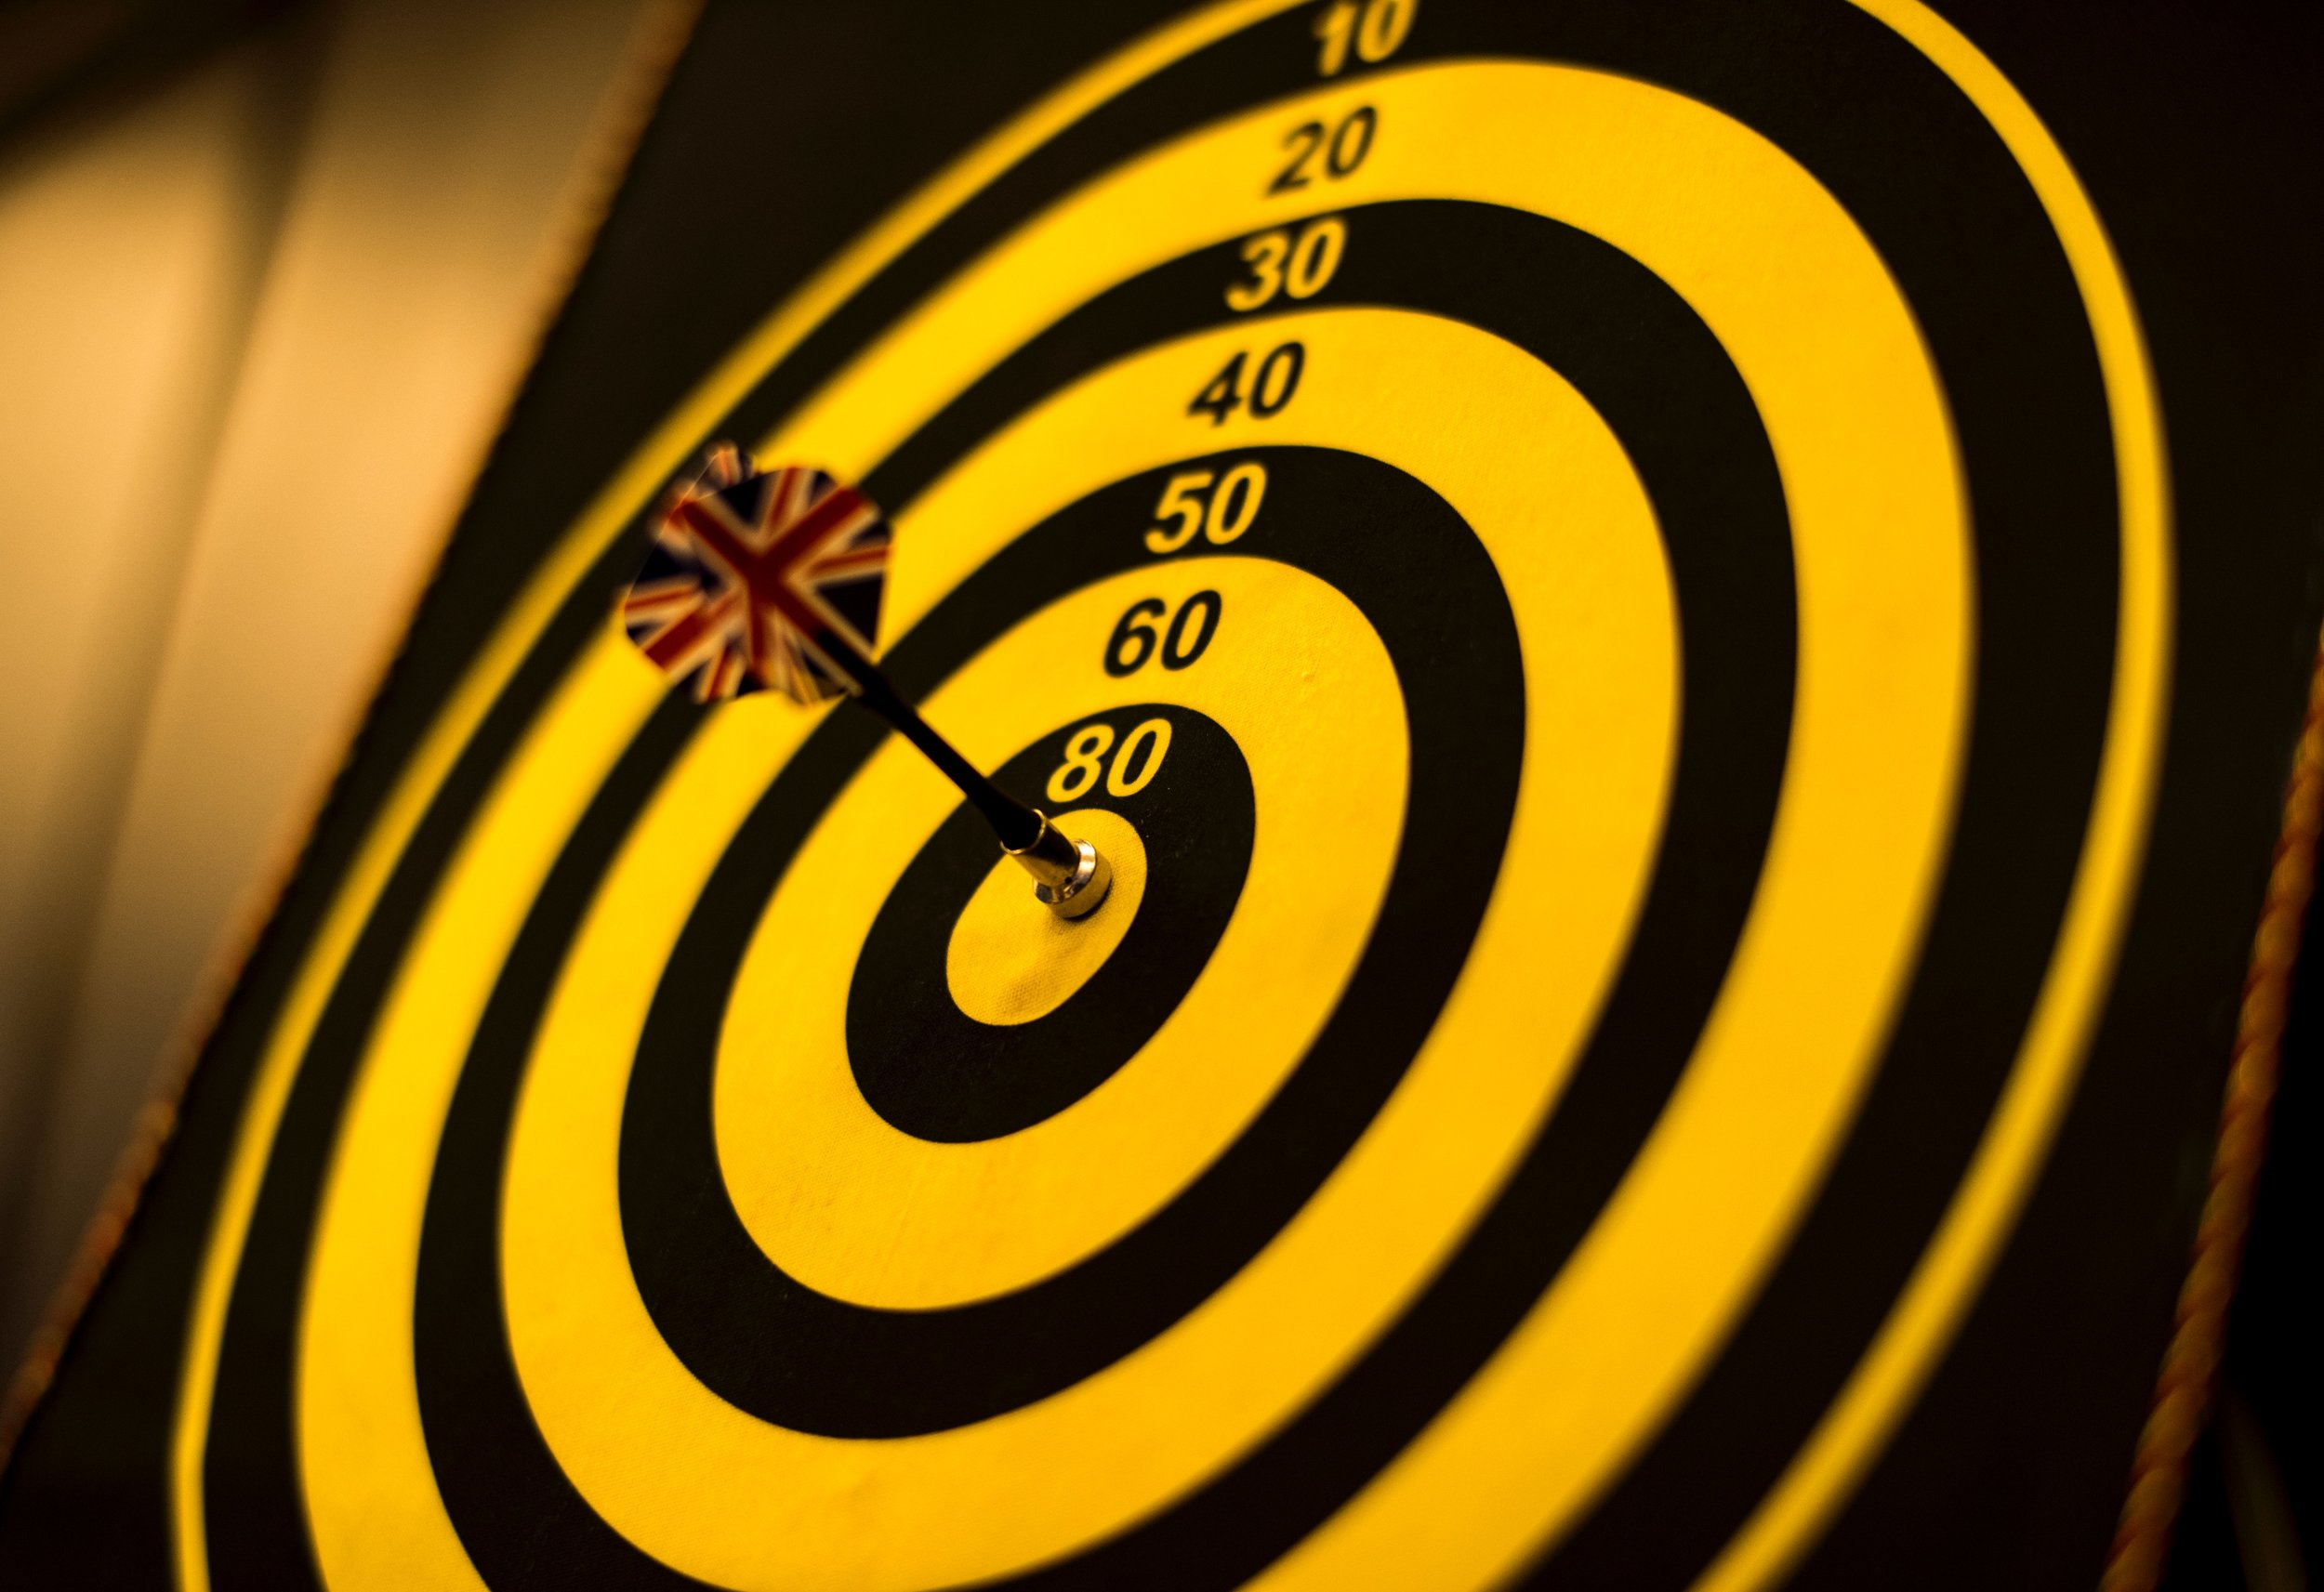 Focus op een bepaalde doelstelling en vier het als deze doelstelling gehaald is!